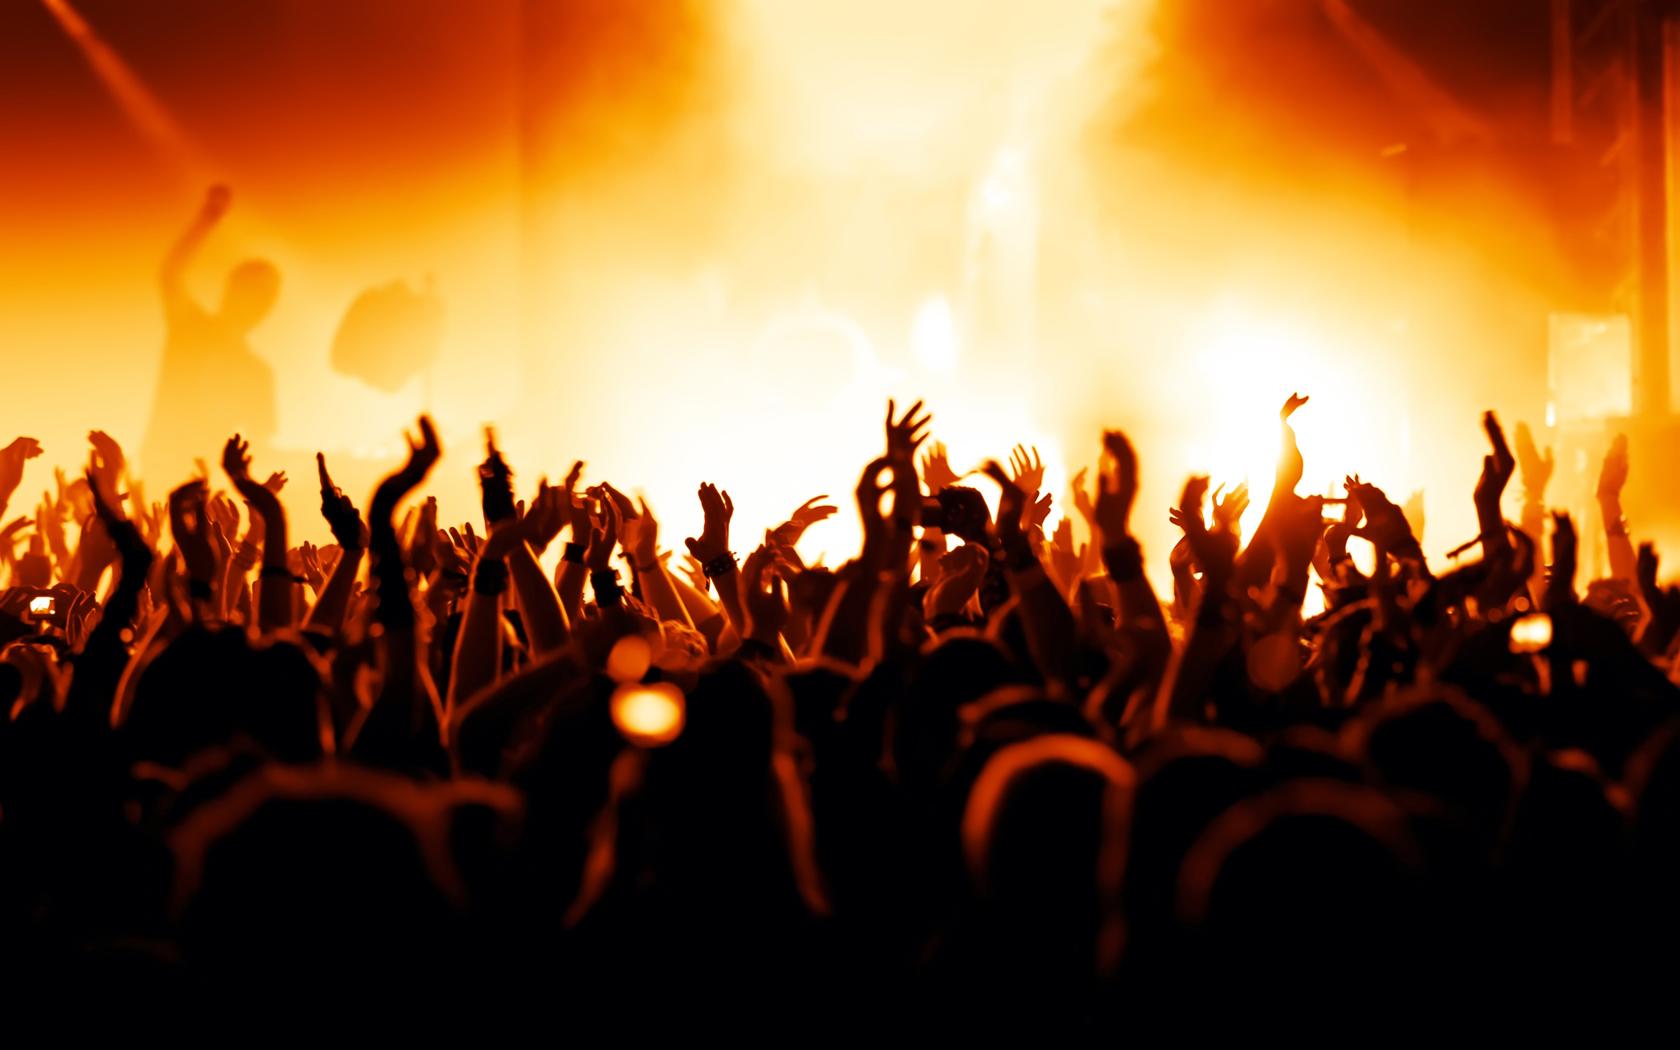 rock_concert